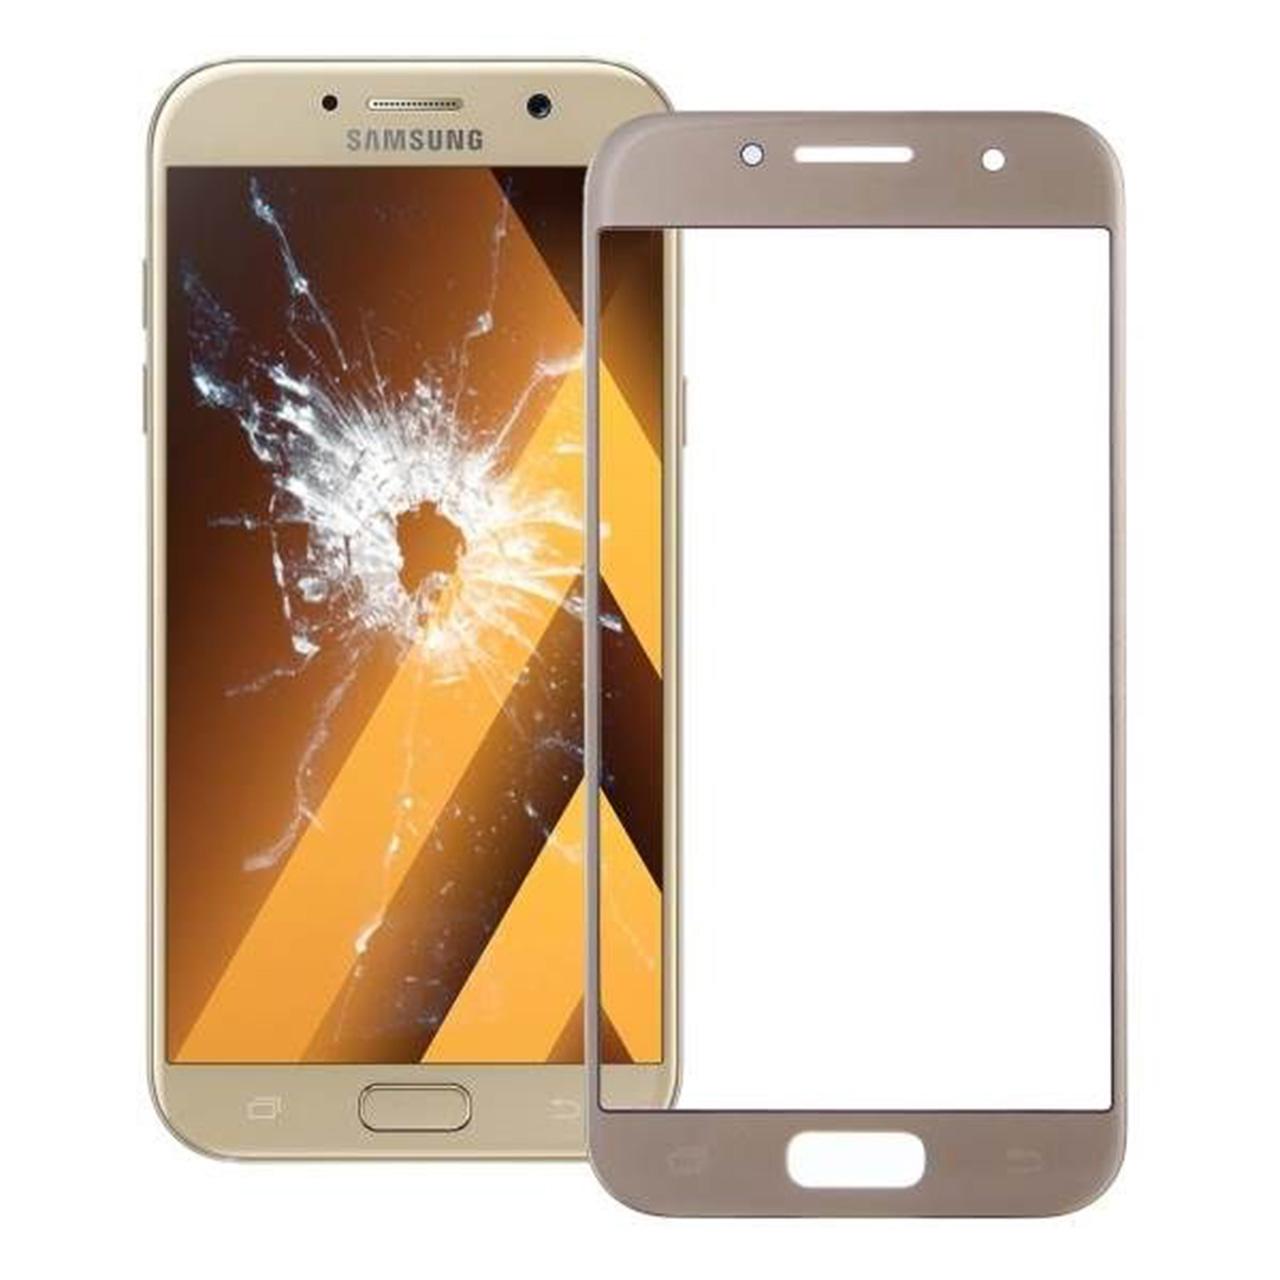 محافظ صفحه نمایش شیشه ای مدل 3D مناسب برای گوشی موبایل سامسونگ Galaxy A7 2017